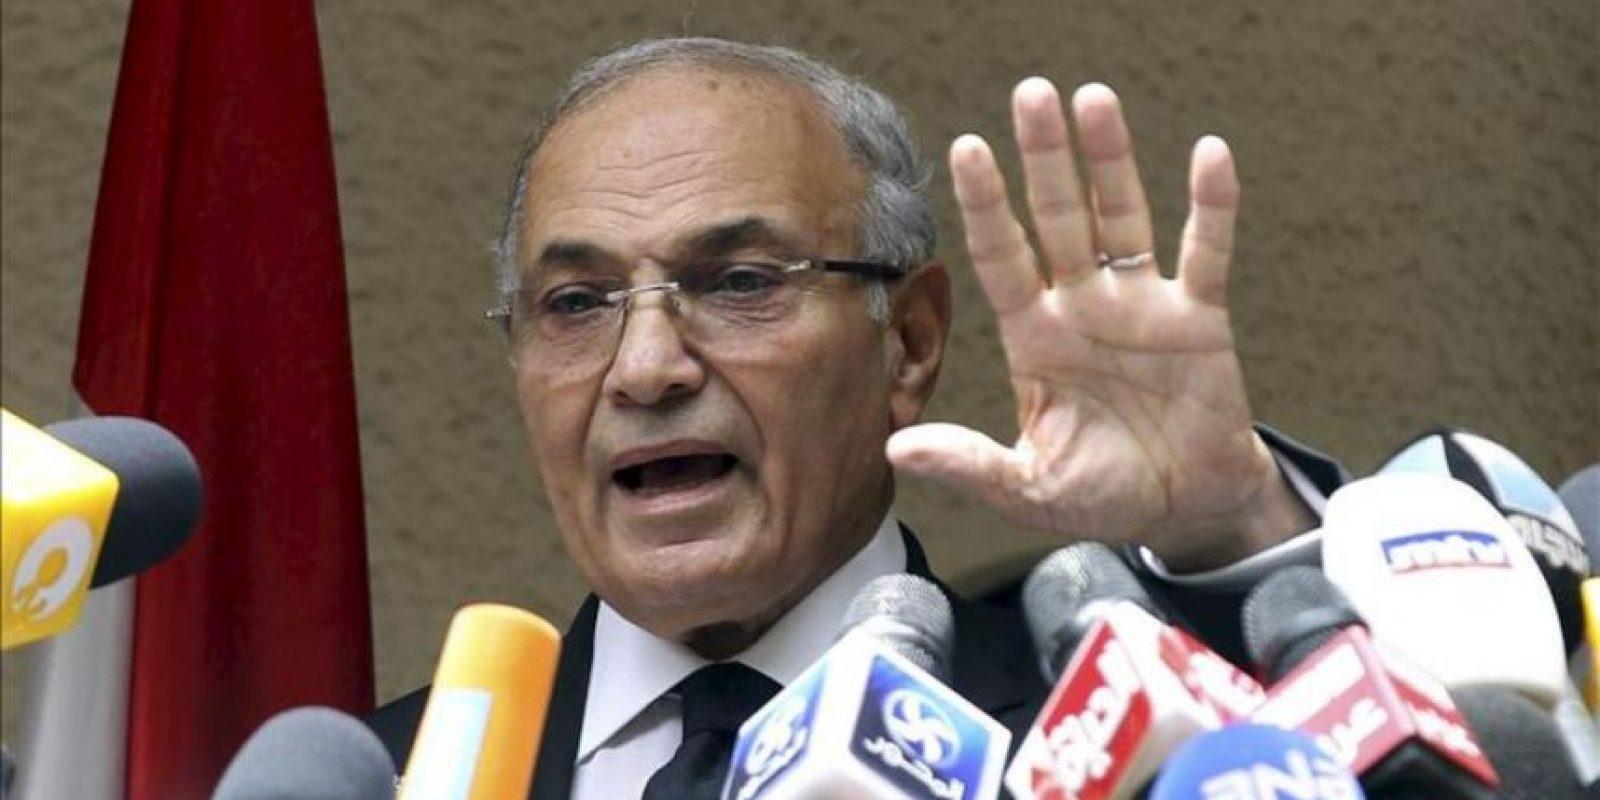 El candidato presidencial egipcio Ahmed Shafiq, en una rueda de prensa en El Cairo (Egipto). EFE/Archivo